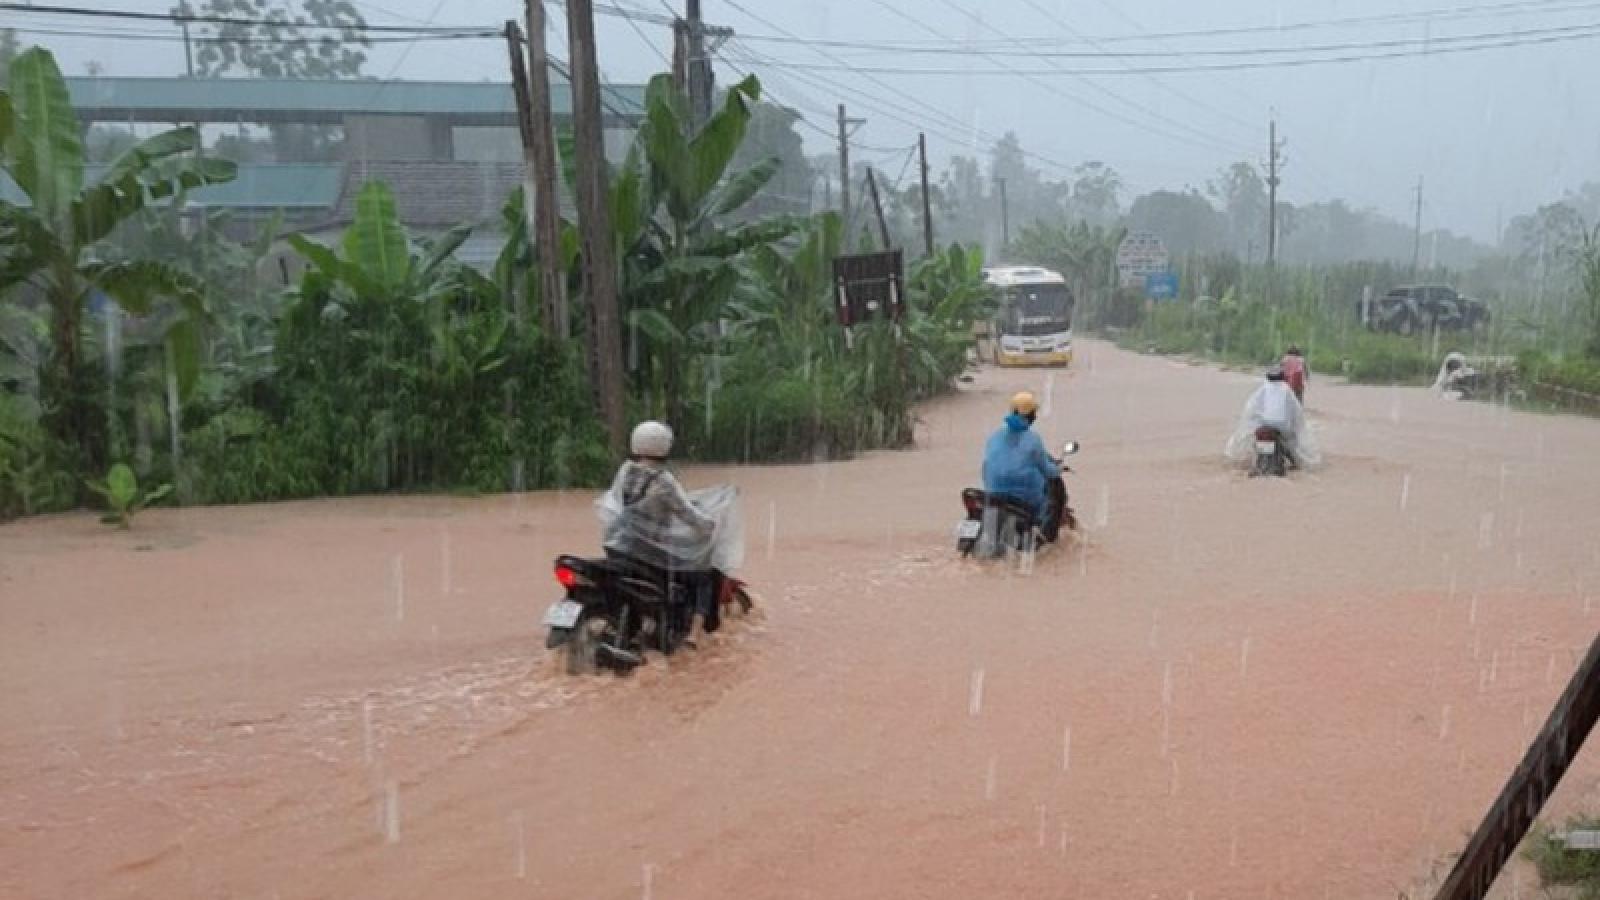 Mưa lớn khiến nhiều khu vực ở Yên Bái ngập lụt, giao thông đi lại khó khăn